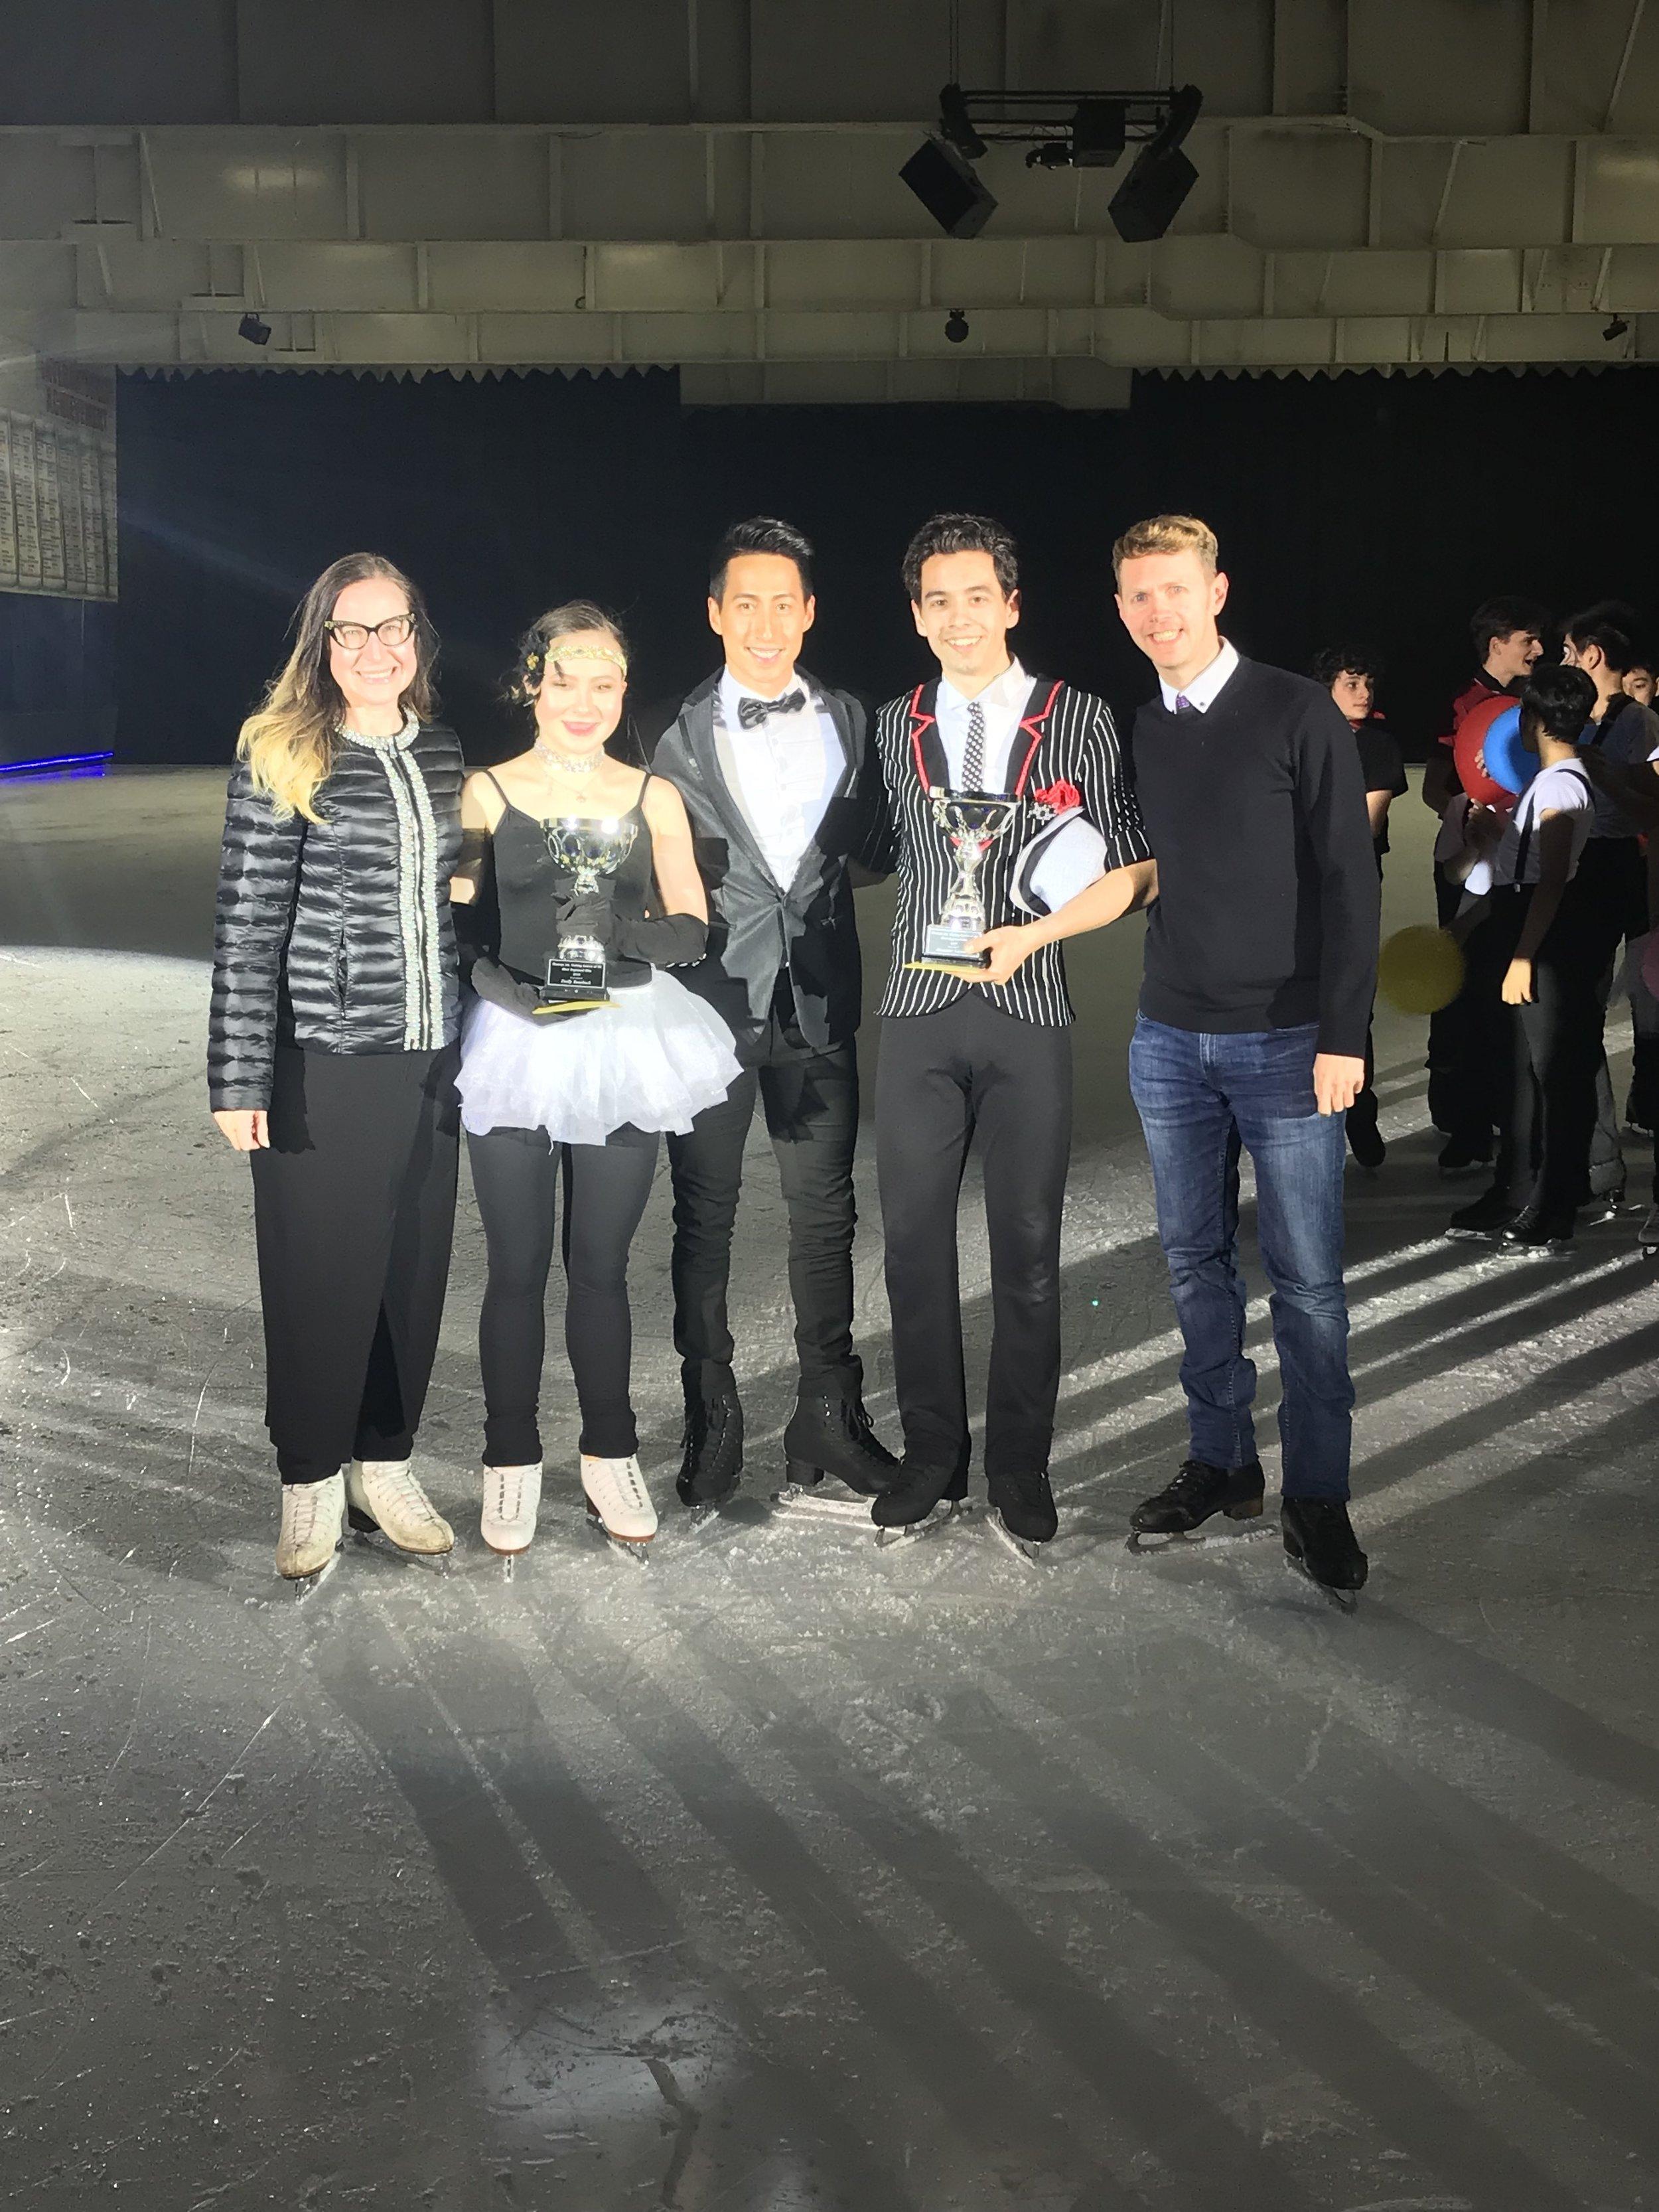 Emily Bausback & Alexander Lawrence - 2019 Champs International Most Improved Elite Skaters